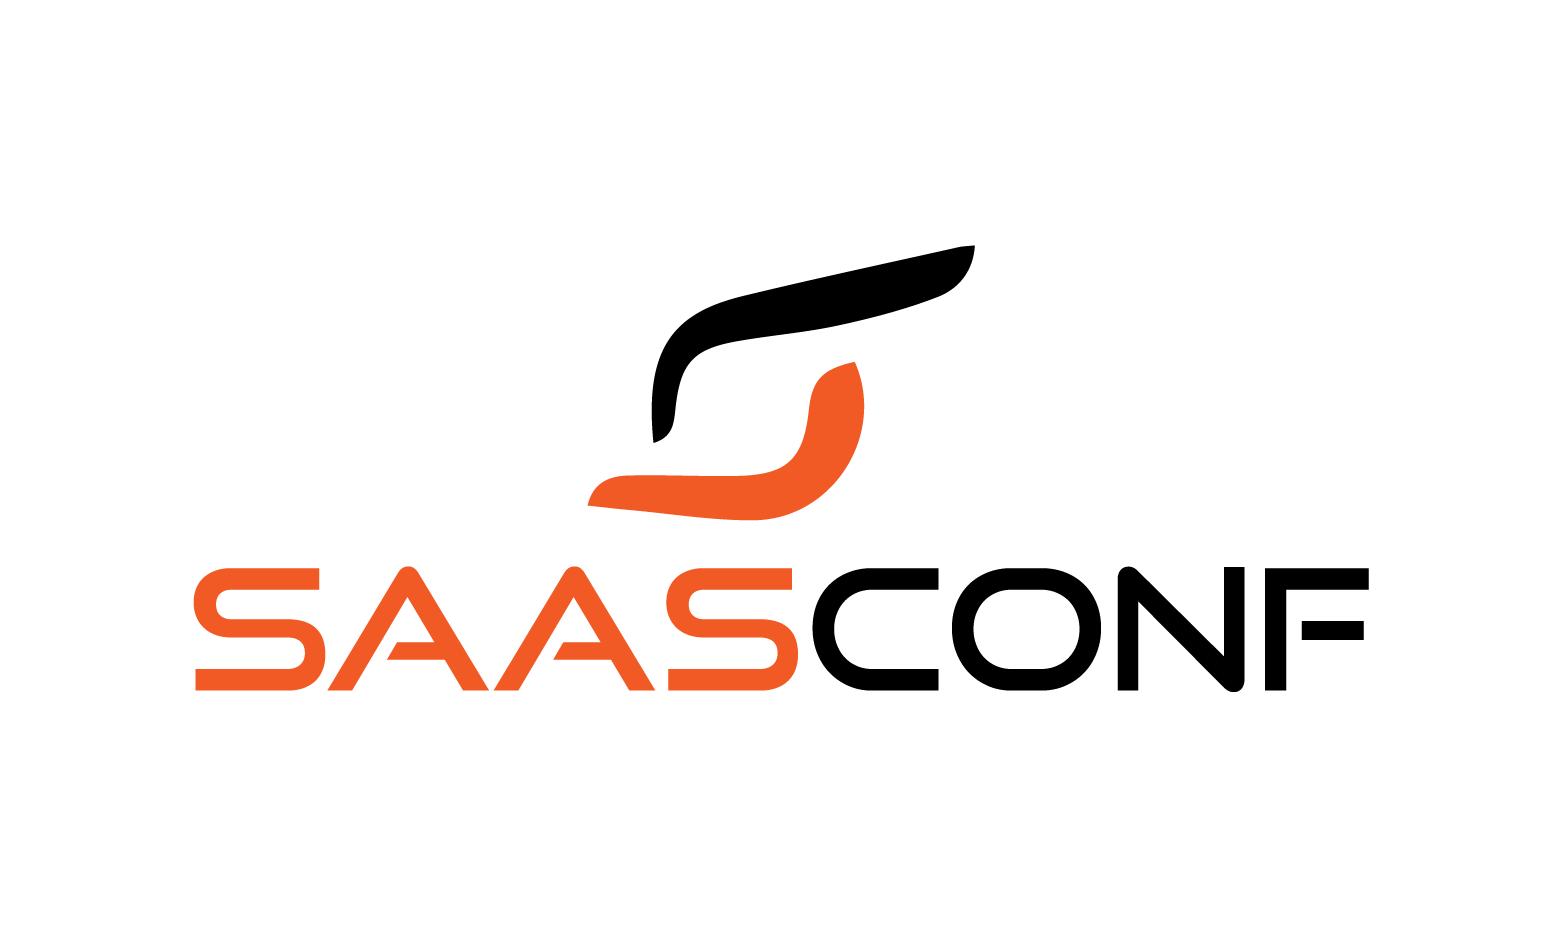 SaasConf.com